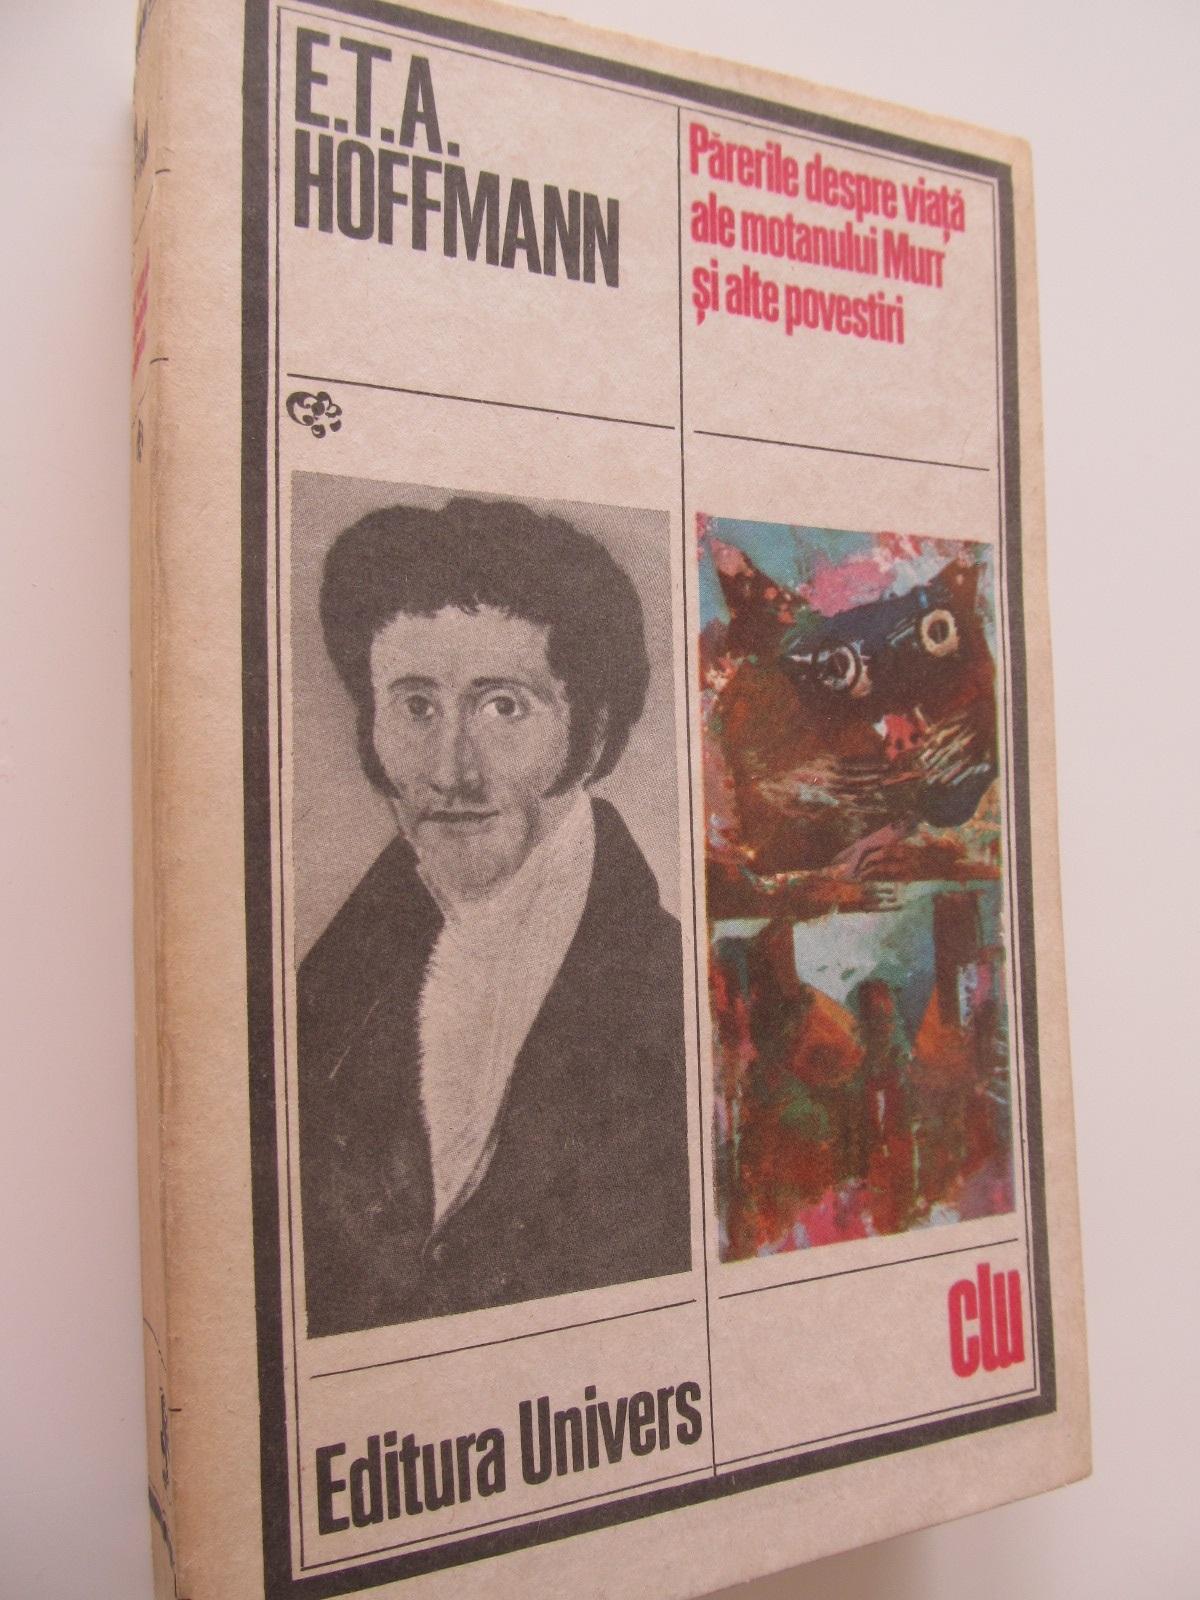 Parerile despre viata ale motanului Murr si alte povestiri - E. T. A. Hoffmann | Detalii carte